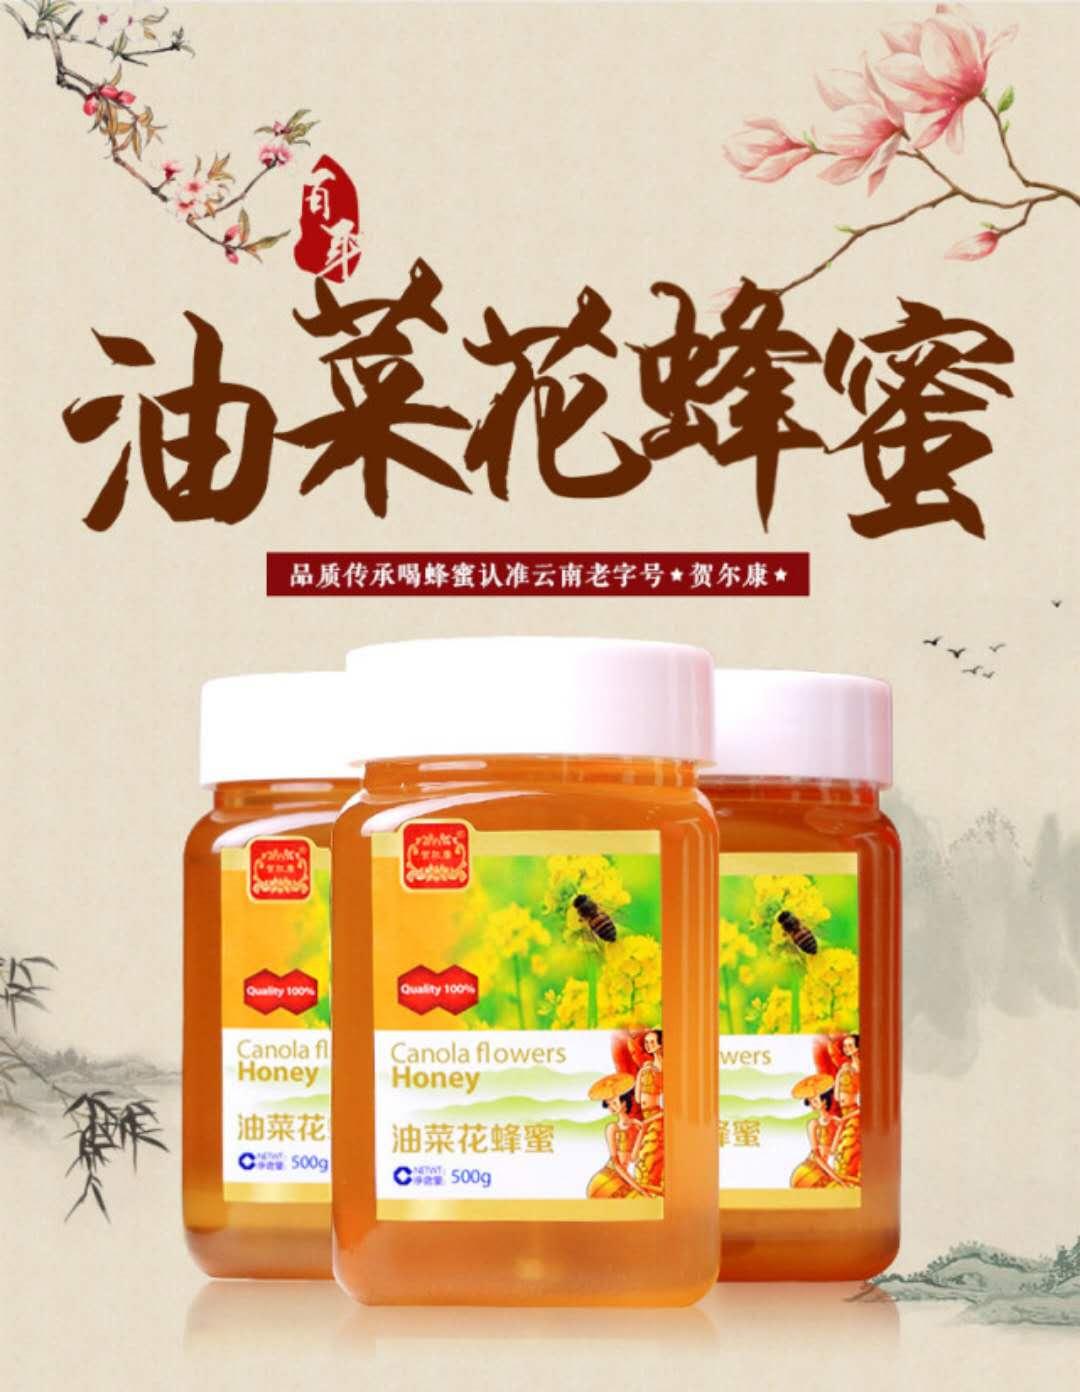 贺尔康云南特产油菜花蜂蜜天然农家自产野生土蜂蜜原蜂蜜